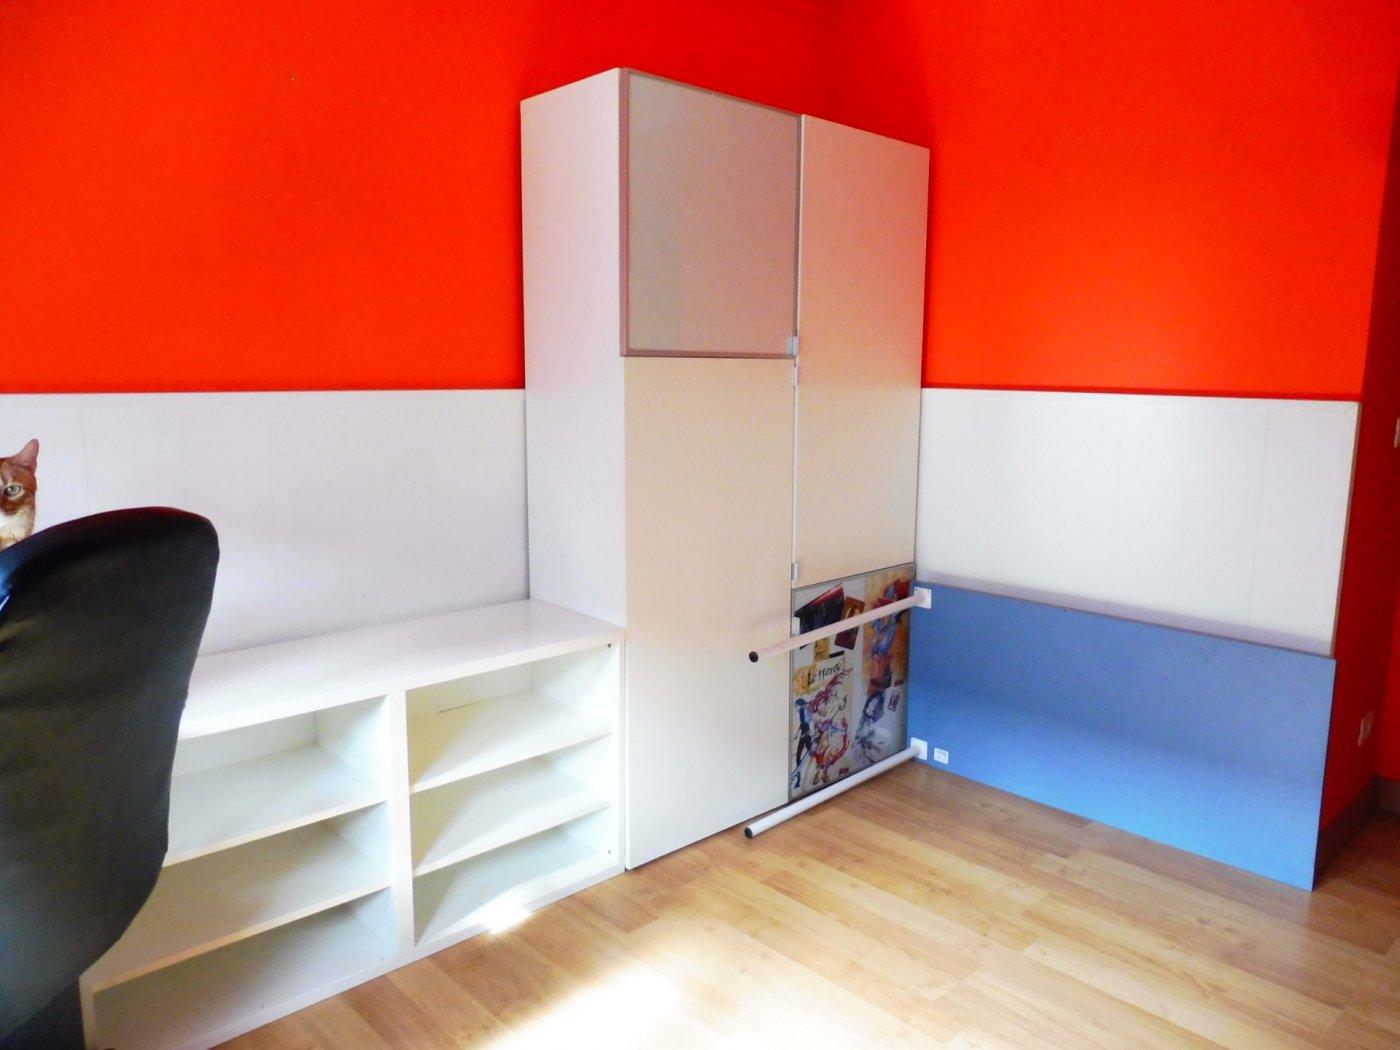 Amplio piso enfrente del centro de salud de perchera en nuevo gijón - imagenInmueble19